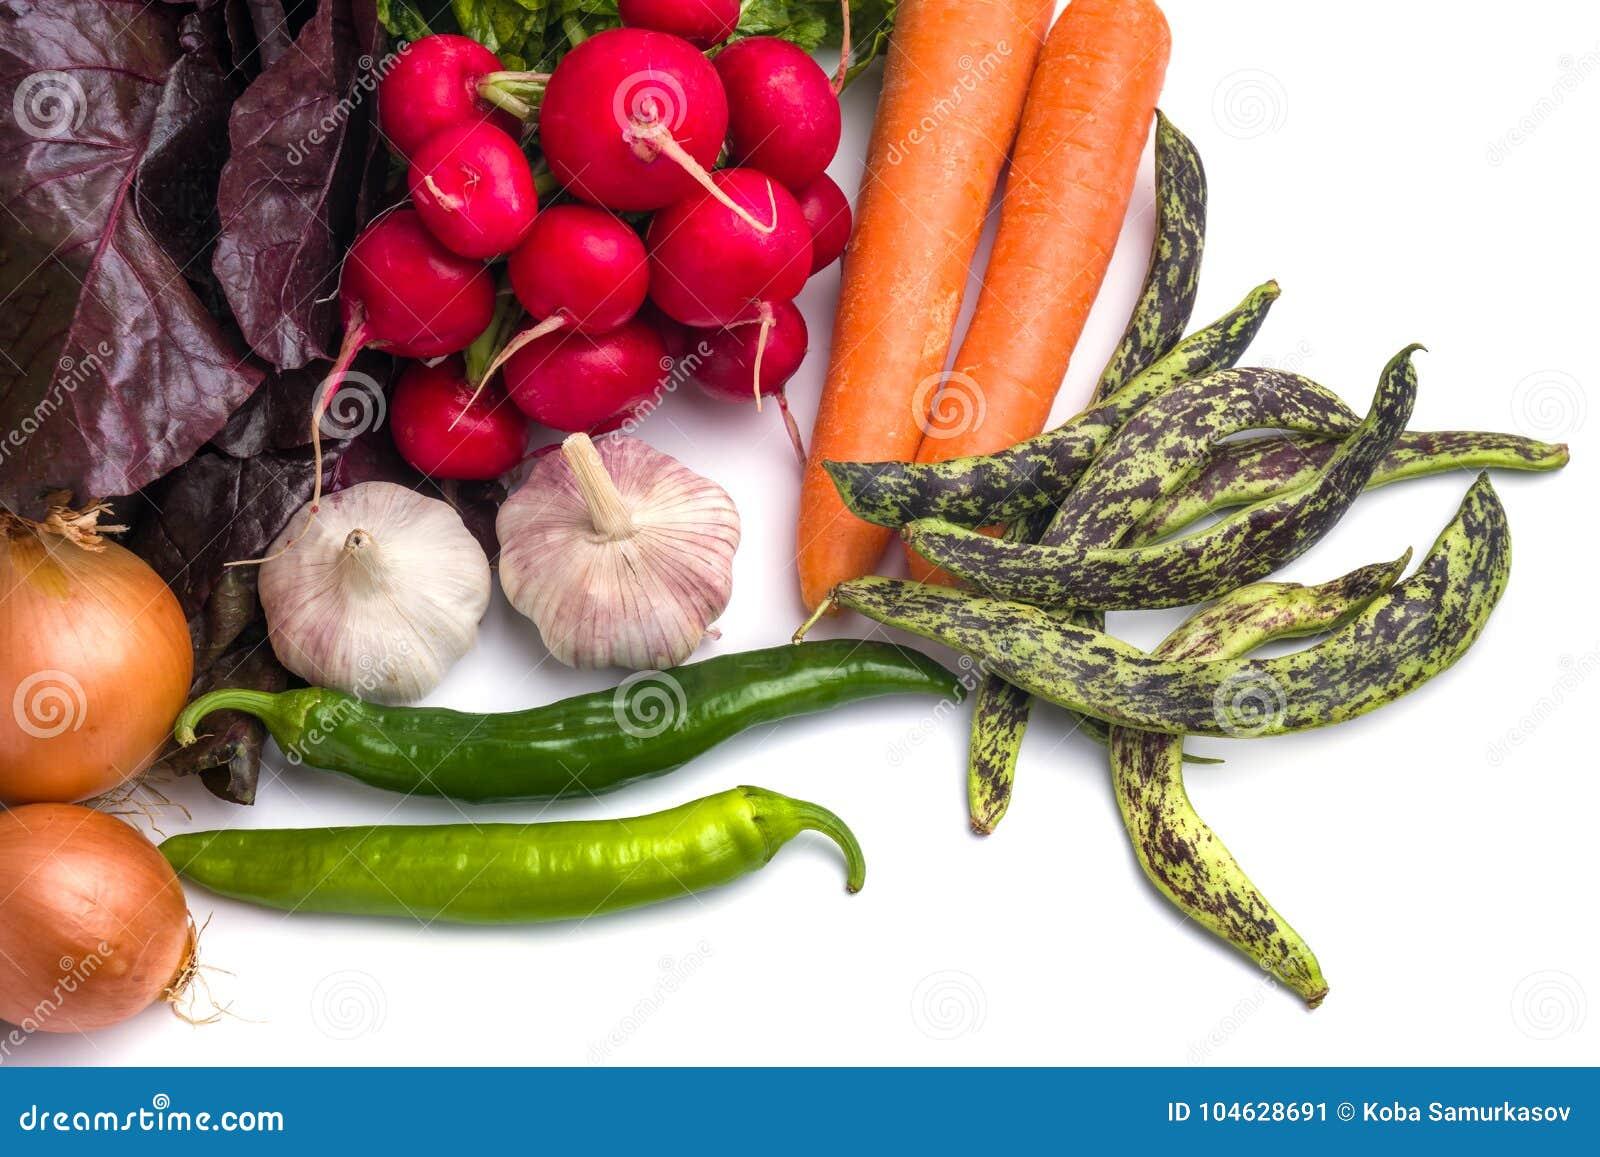 Download Sluit Omhoog Van Diverse Kleurrijke Rauwe Groenten Op Witte Achtergrond Stock Afbeelding - Afbeelding bestaande uit wortel, landbouwbedrijf: 104628691